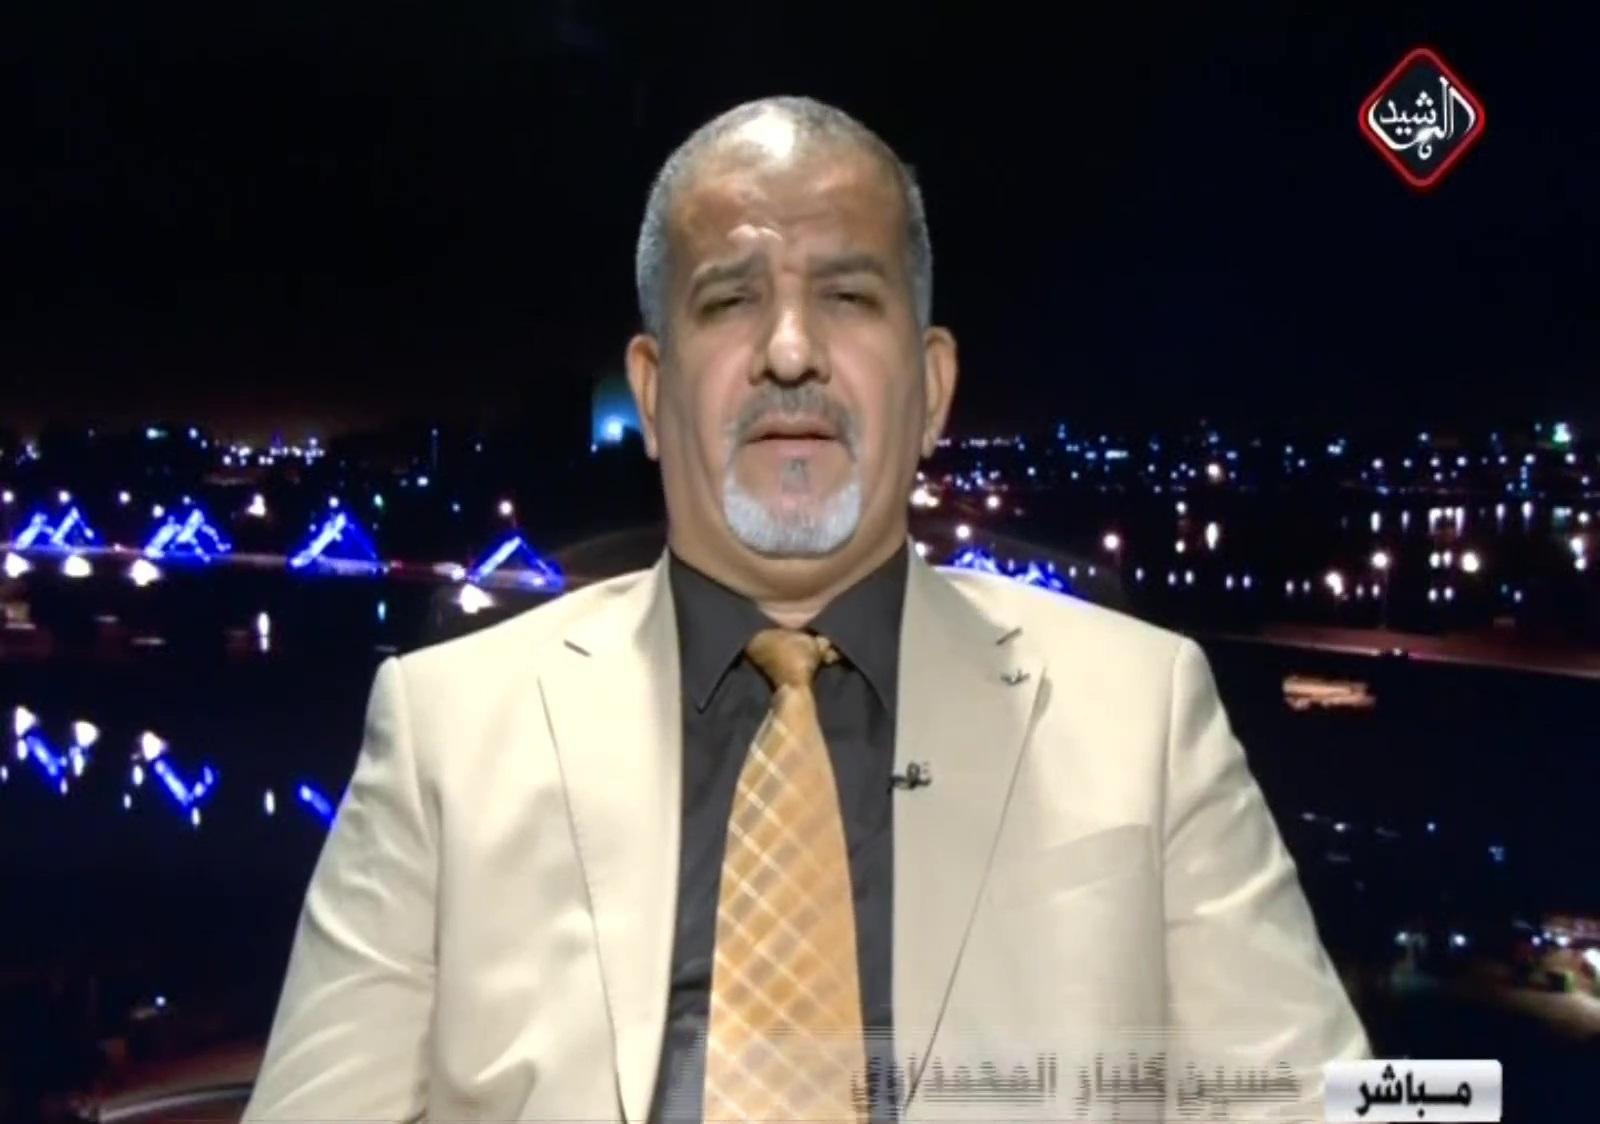 حسين كنبار المحمداوي